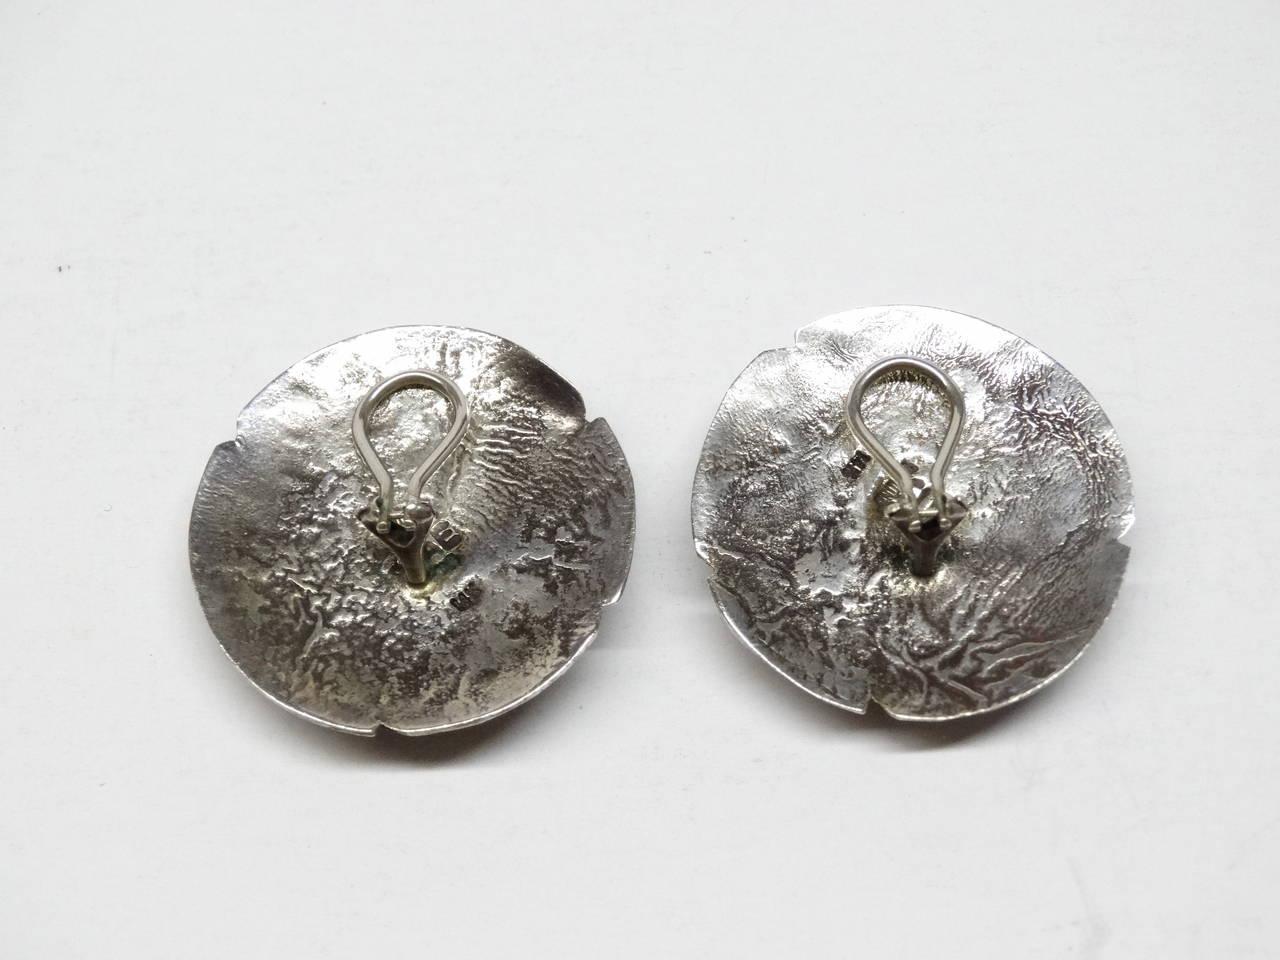 JAE Jolene A Eustace Cochiti Zuni Southwestern Sterling 925 Silver 14K Gold Lapis Lazuli Clip On Earrings! Earrings stamped with